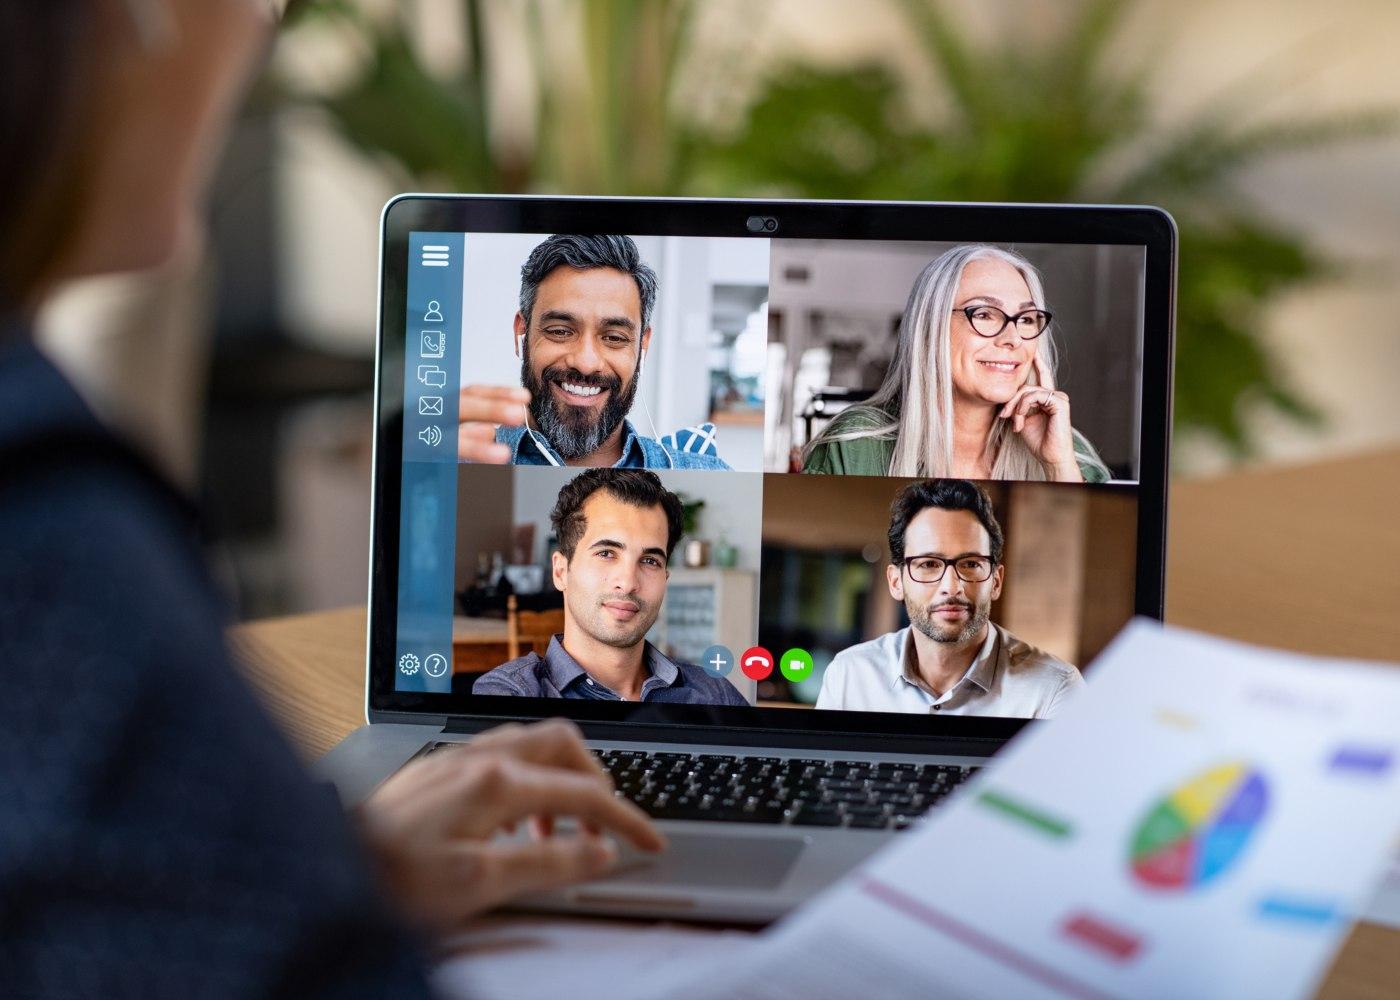 equipa em reunião online a provar a possibilidade da digitalização do trabalho